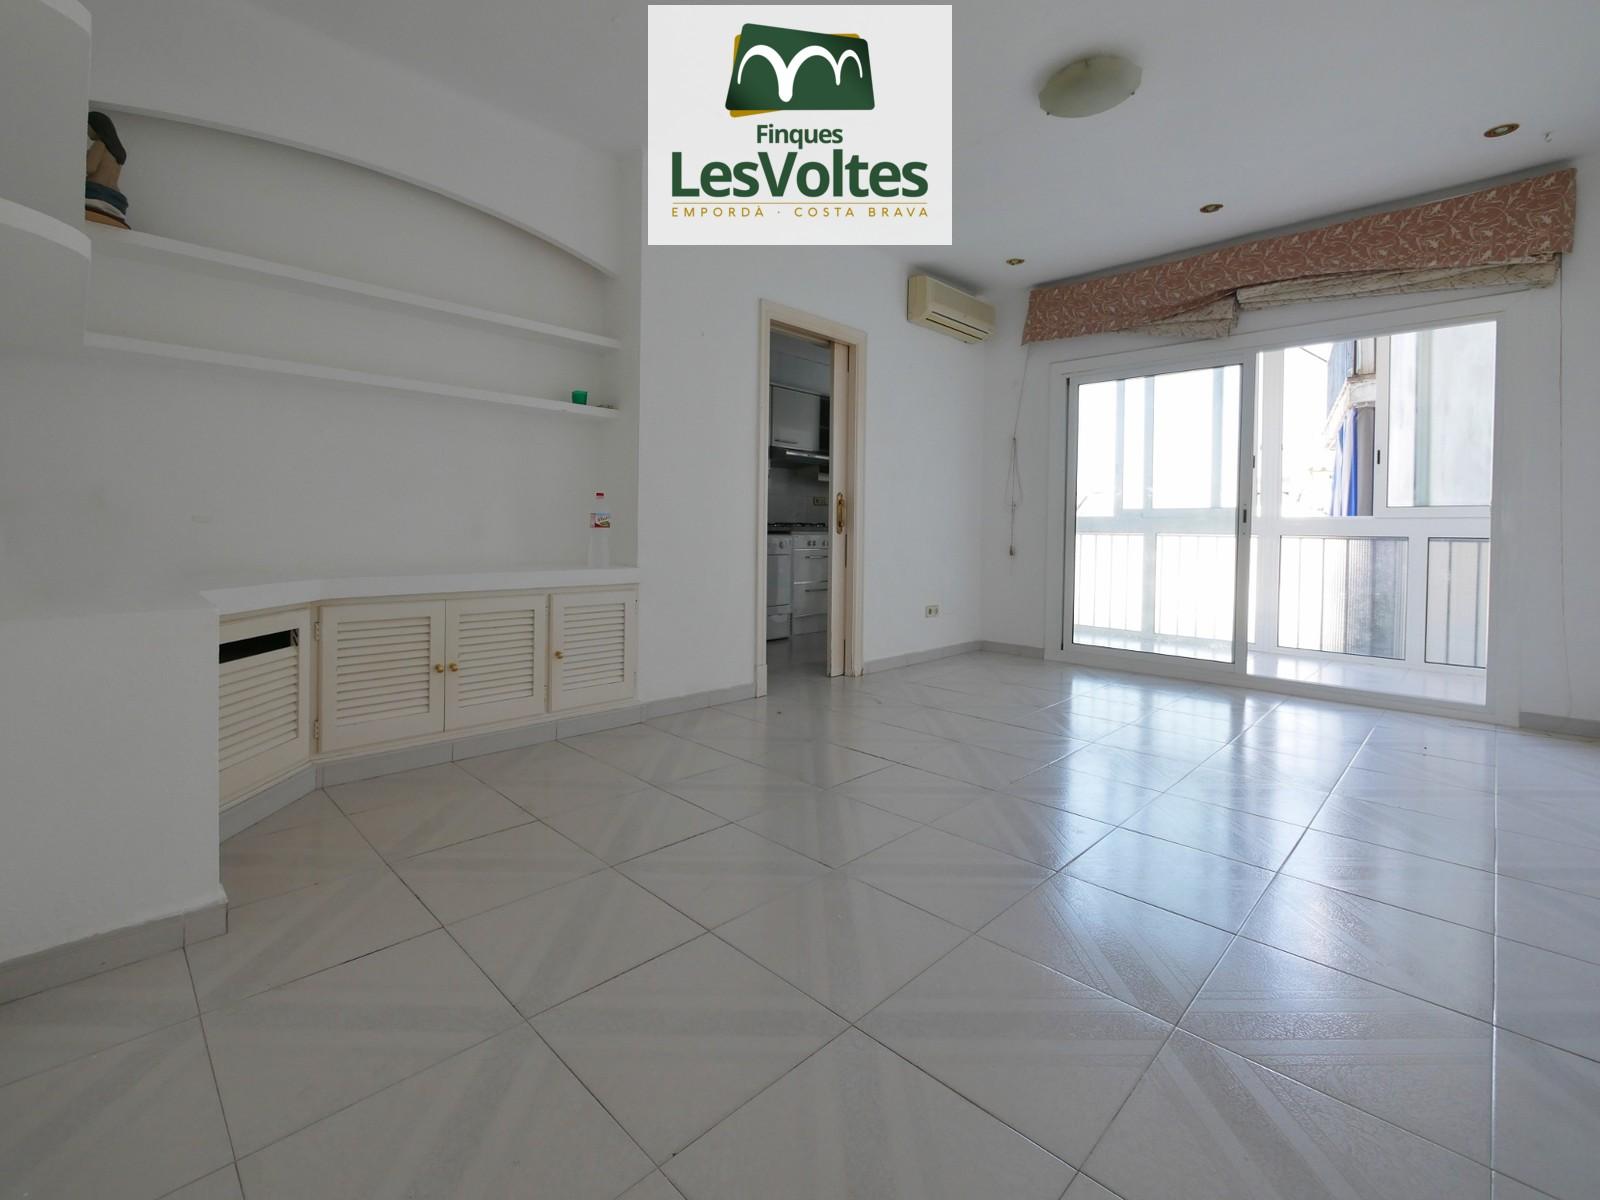 Pis de dues habitacions en lloguer a Palafrugell. Situat en zona ben comunicada i a prop del centre.